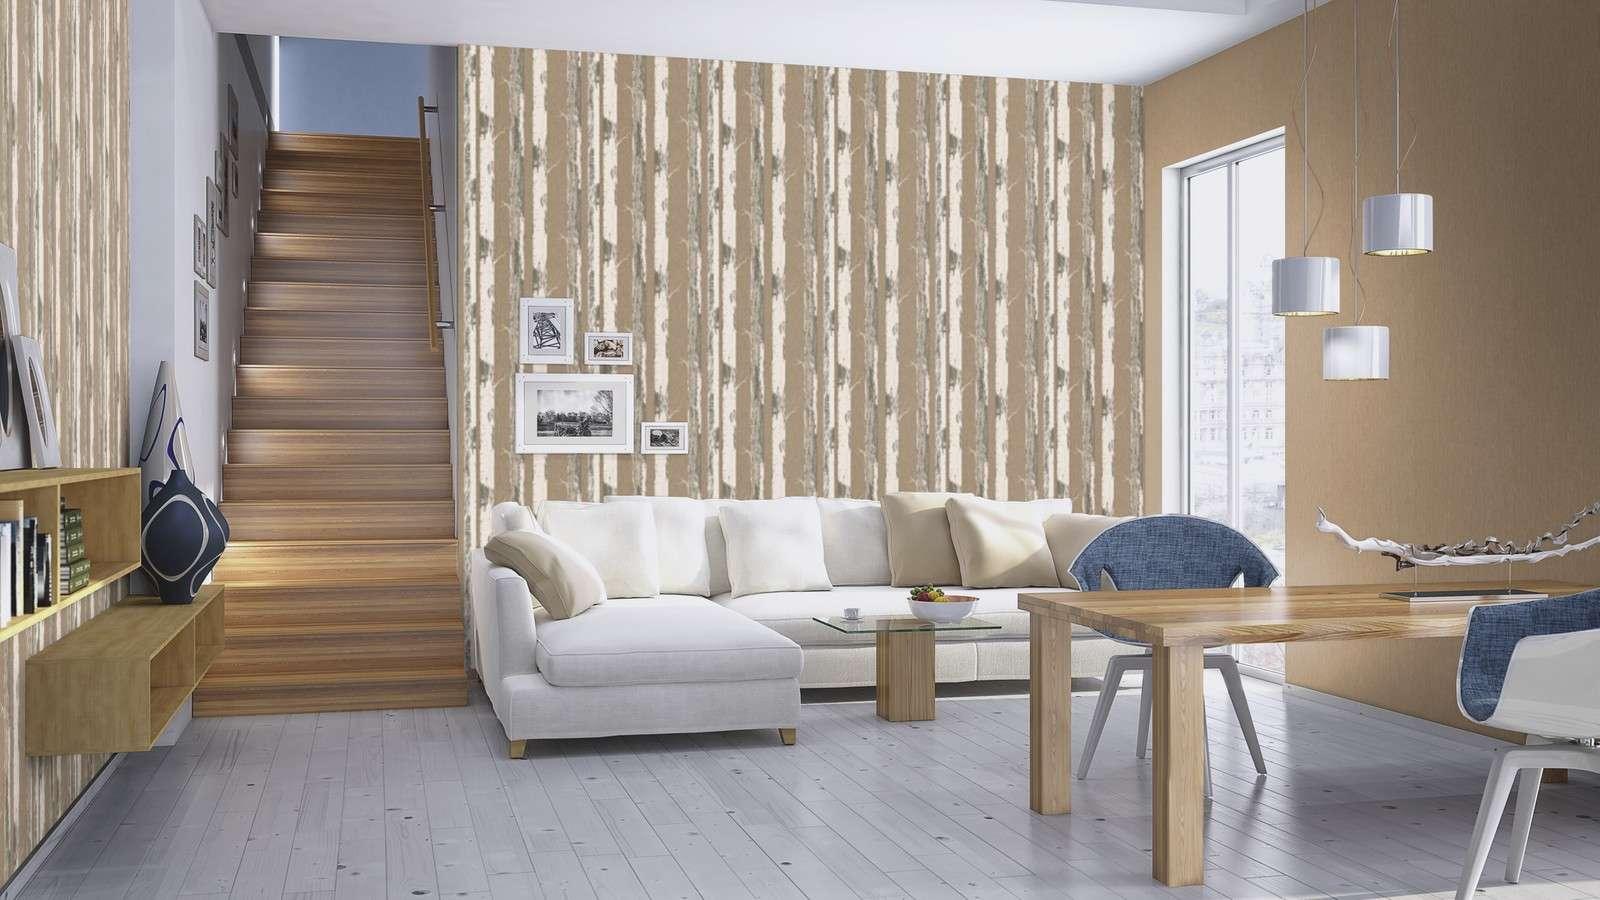 tapete holzoptik wohnzimmer : Tapete F R Ihr Wohnzimmer Kaufen